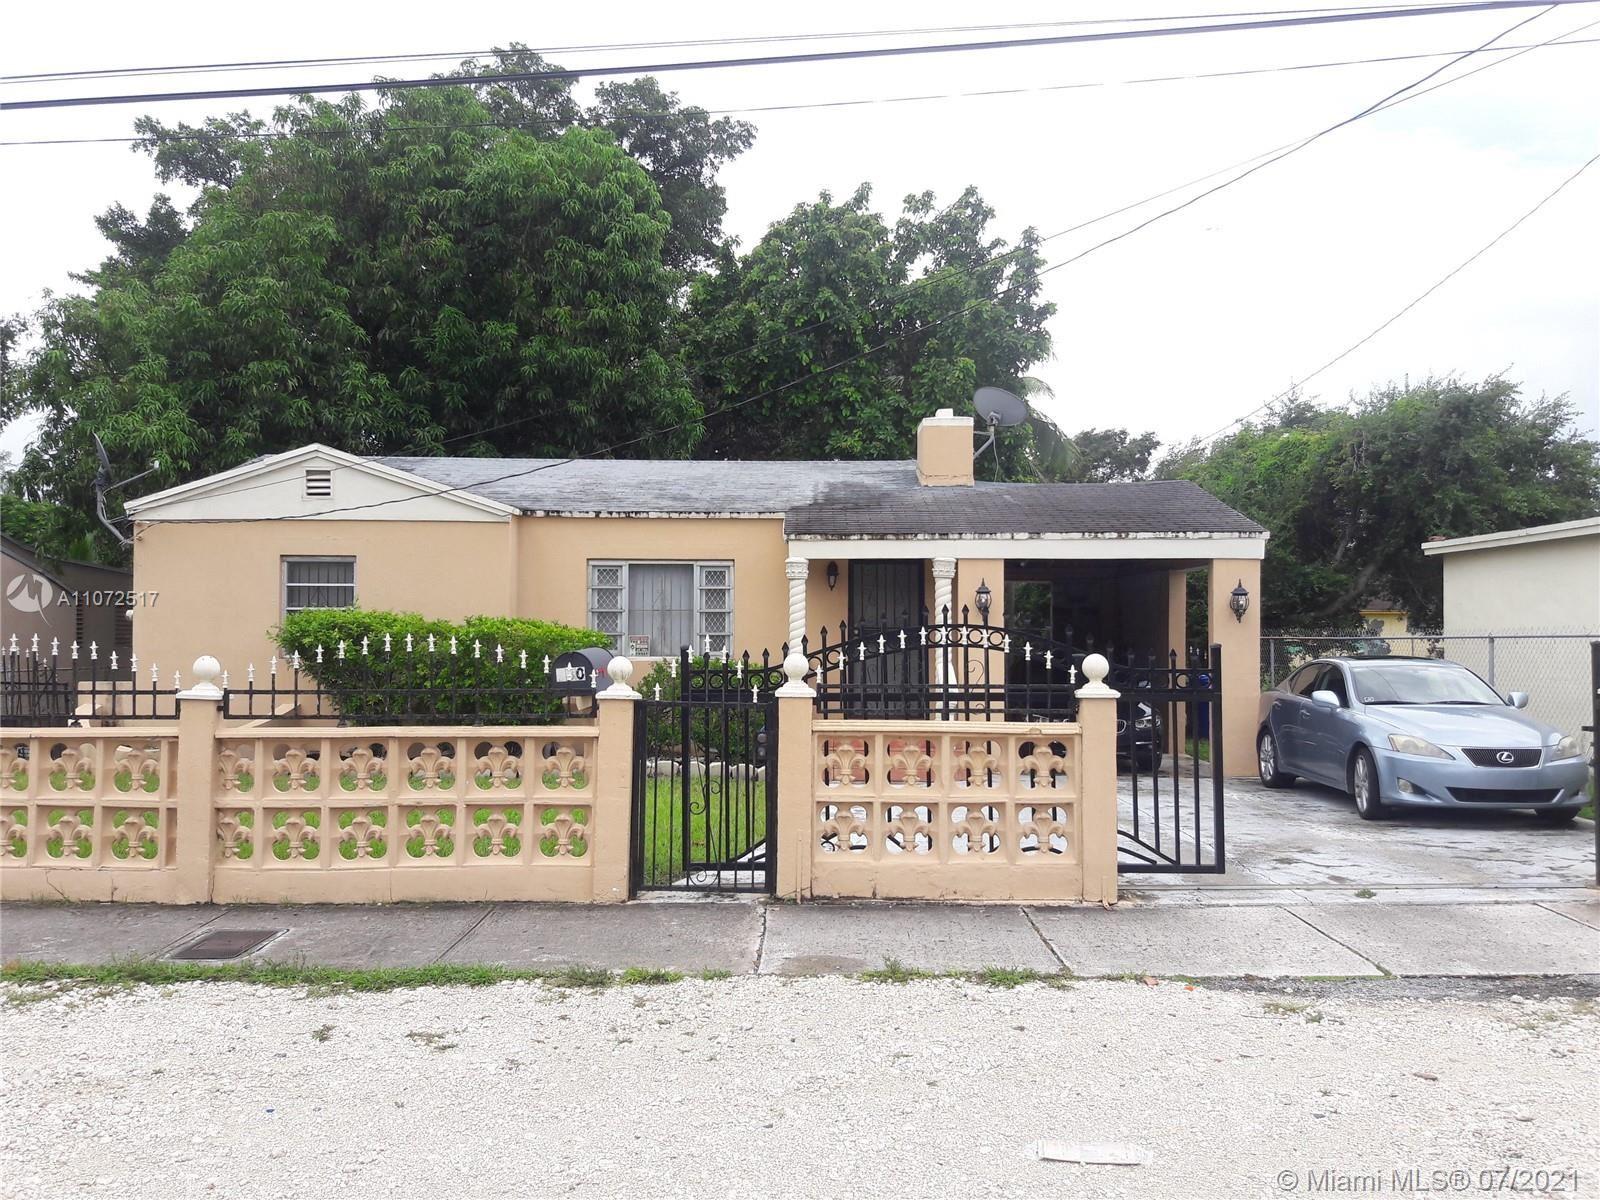 180 NW 67th St, Miami, FL 33150 - #: A11072517